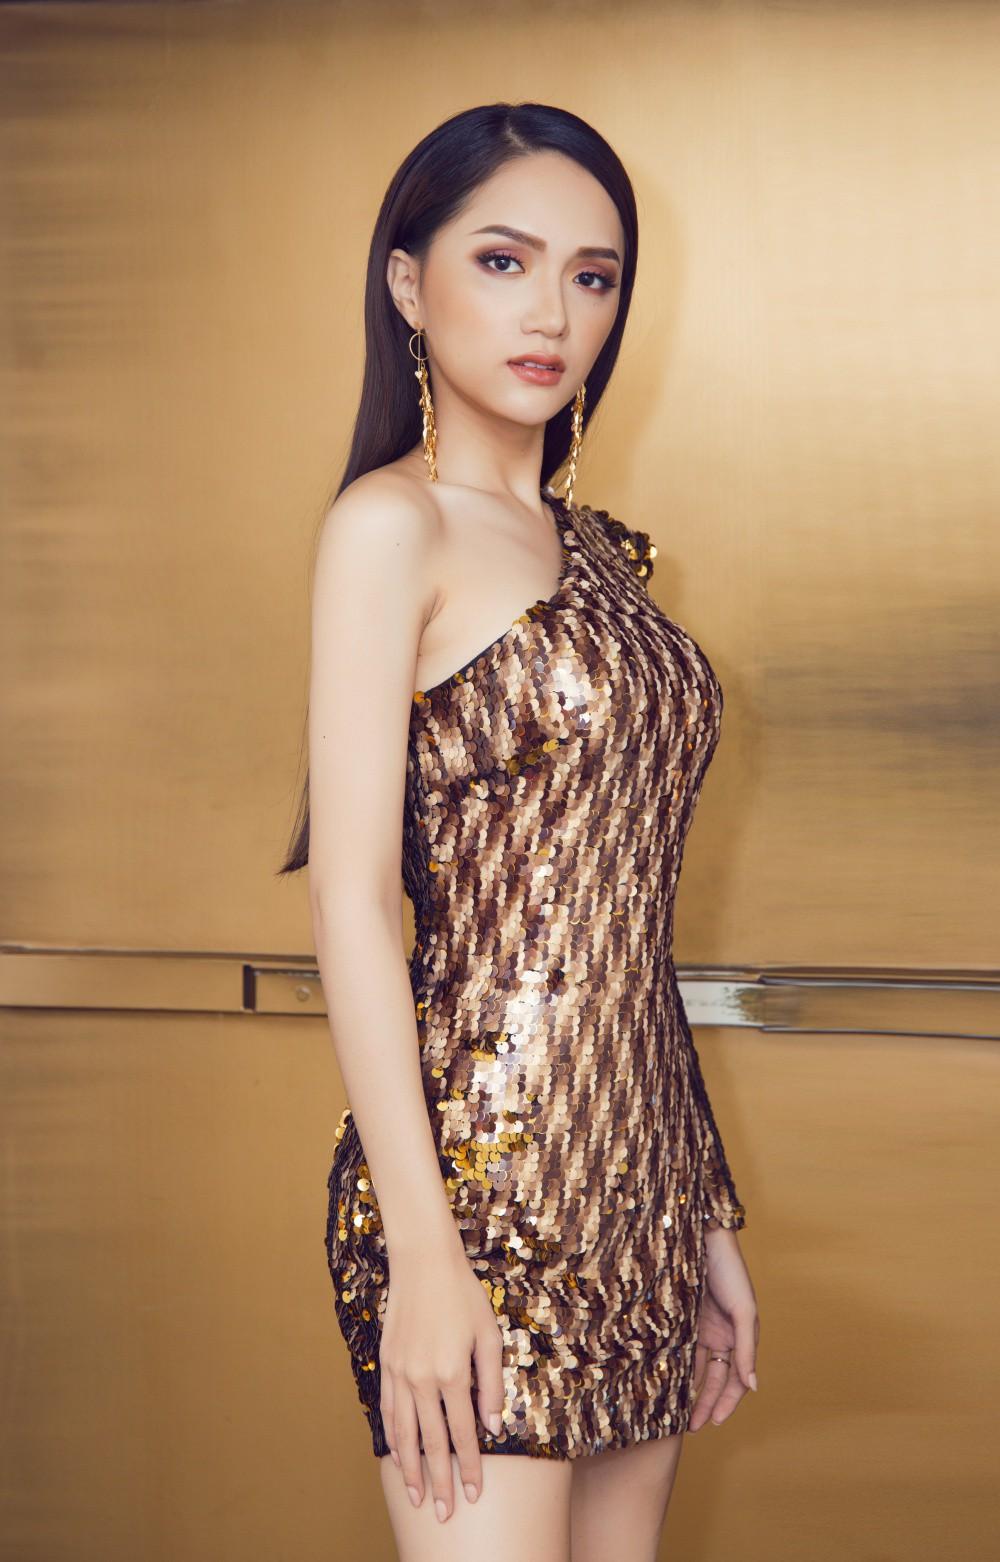 Vừa trở lại Thái Lan, Hoa hậu Hương Giang đã đốn tim fan với nhan sắc quyến rũ - Ảnh 2.